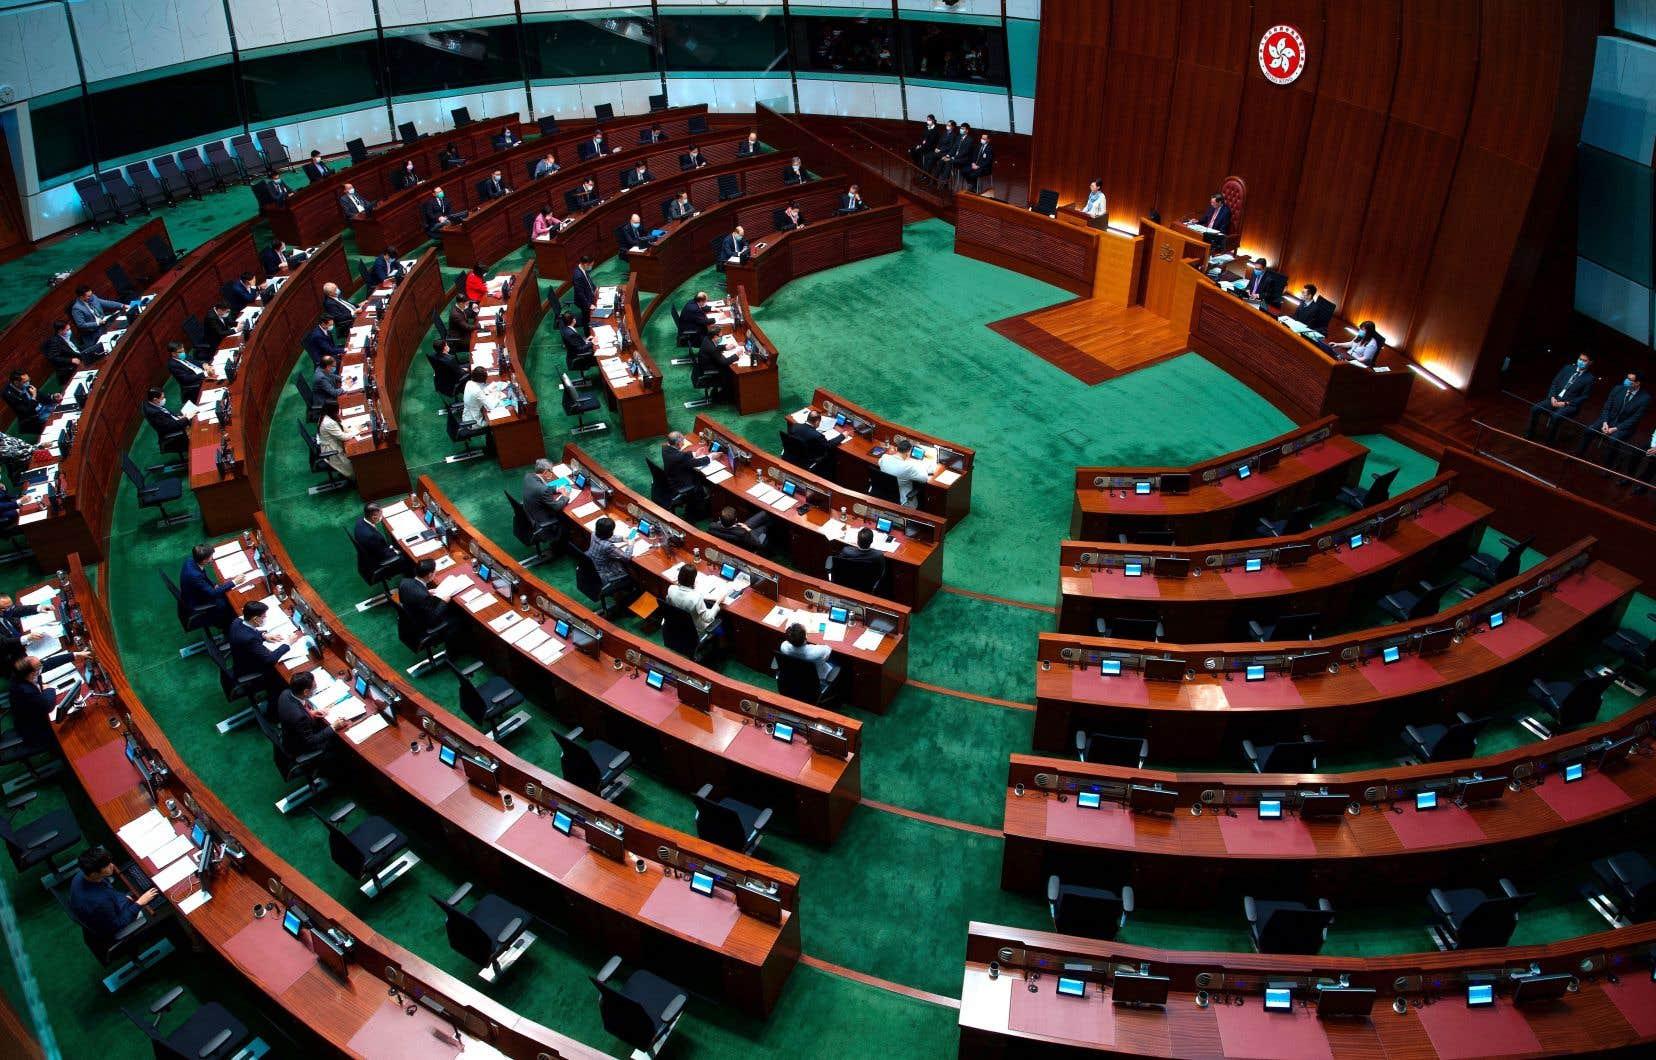 La nouvelle loi a été votée mercredi par le Parlement hongkongais, le LegCo, à 39 voix pour et 2 voix contre.